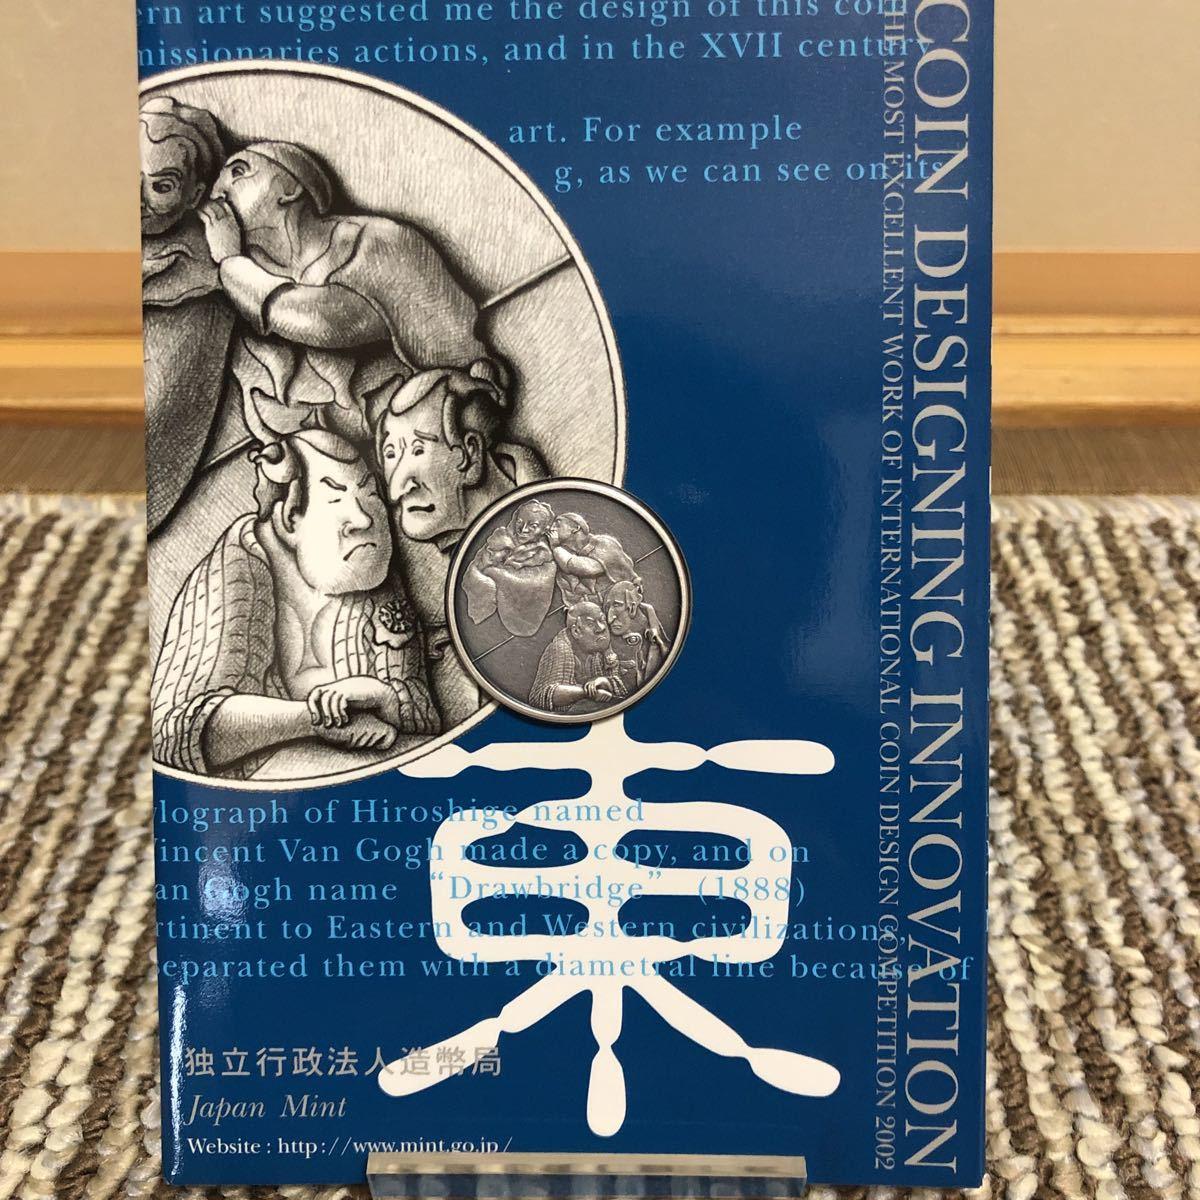 国際コイン・デザイン・コンペティション2002